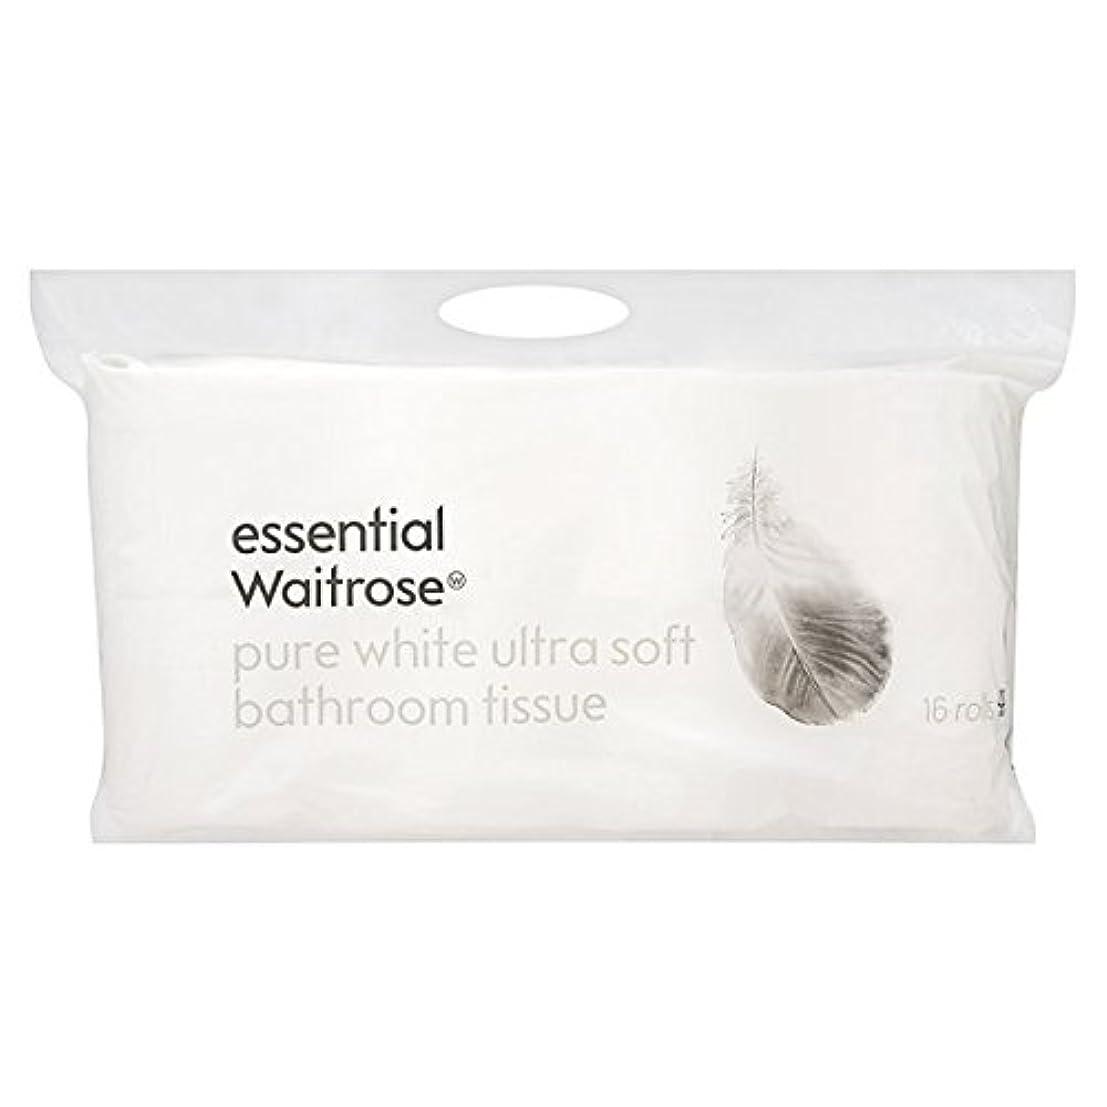 いわゆる予想するしかしながらパックあたりの超柔らかい純白の浴室組織不可欠ウェイトローズ16 x4 - Ultra Soft Pure White Bathroom Tissue essential Waitrose 16 per pack (Pack...